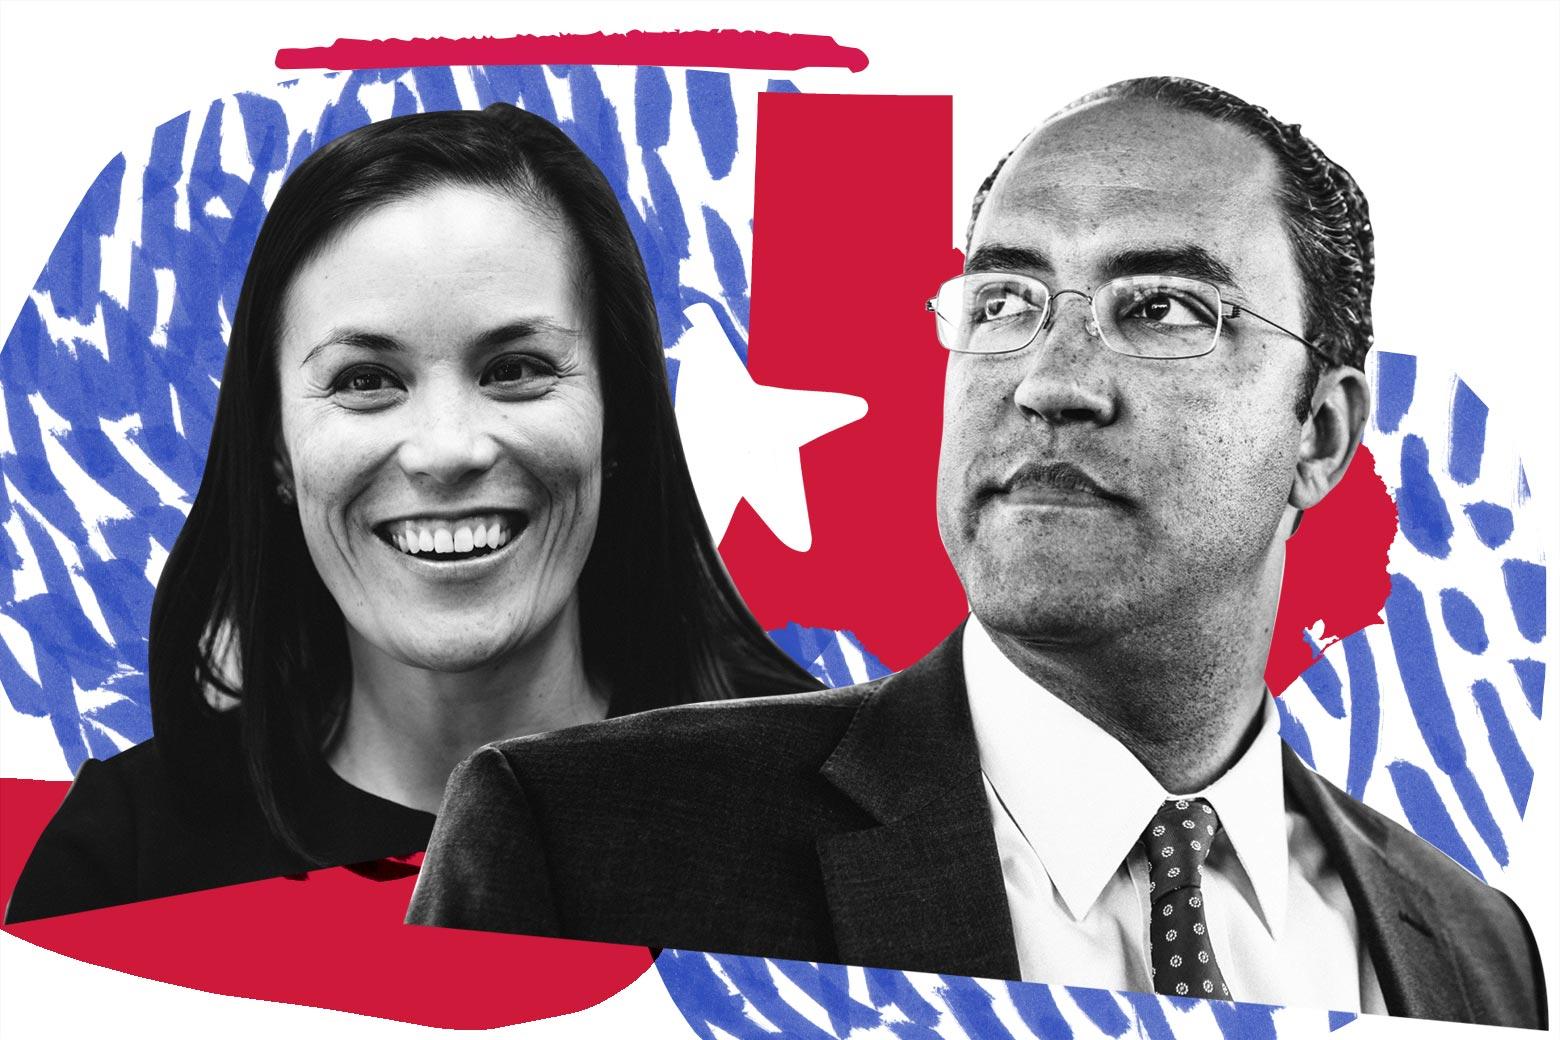 Gina Ortiz Jones and Rep. Will Hurd